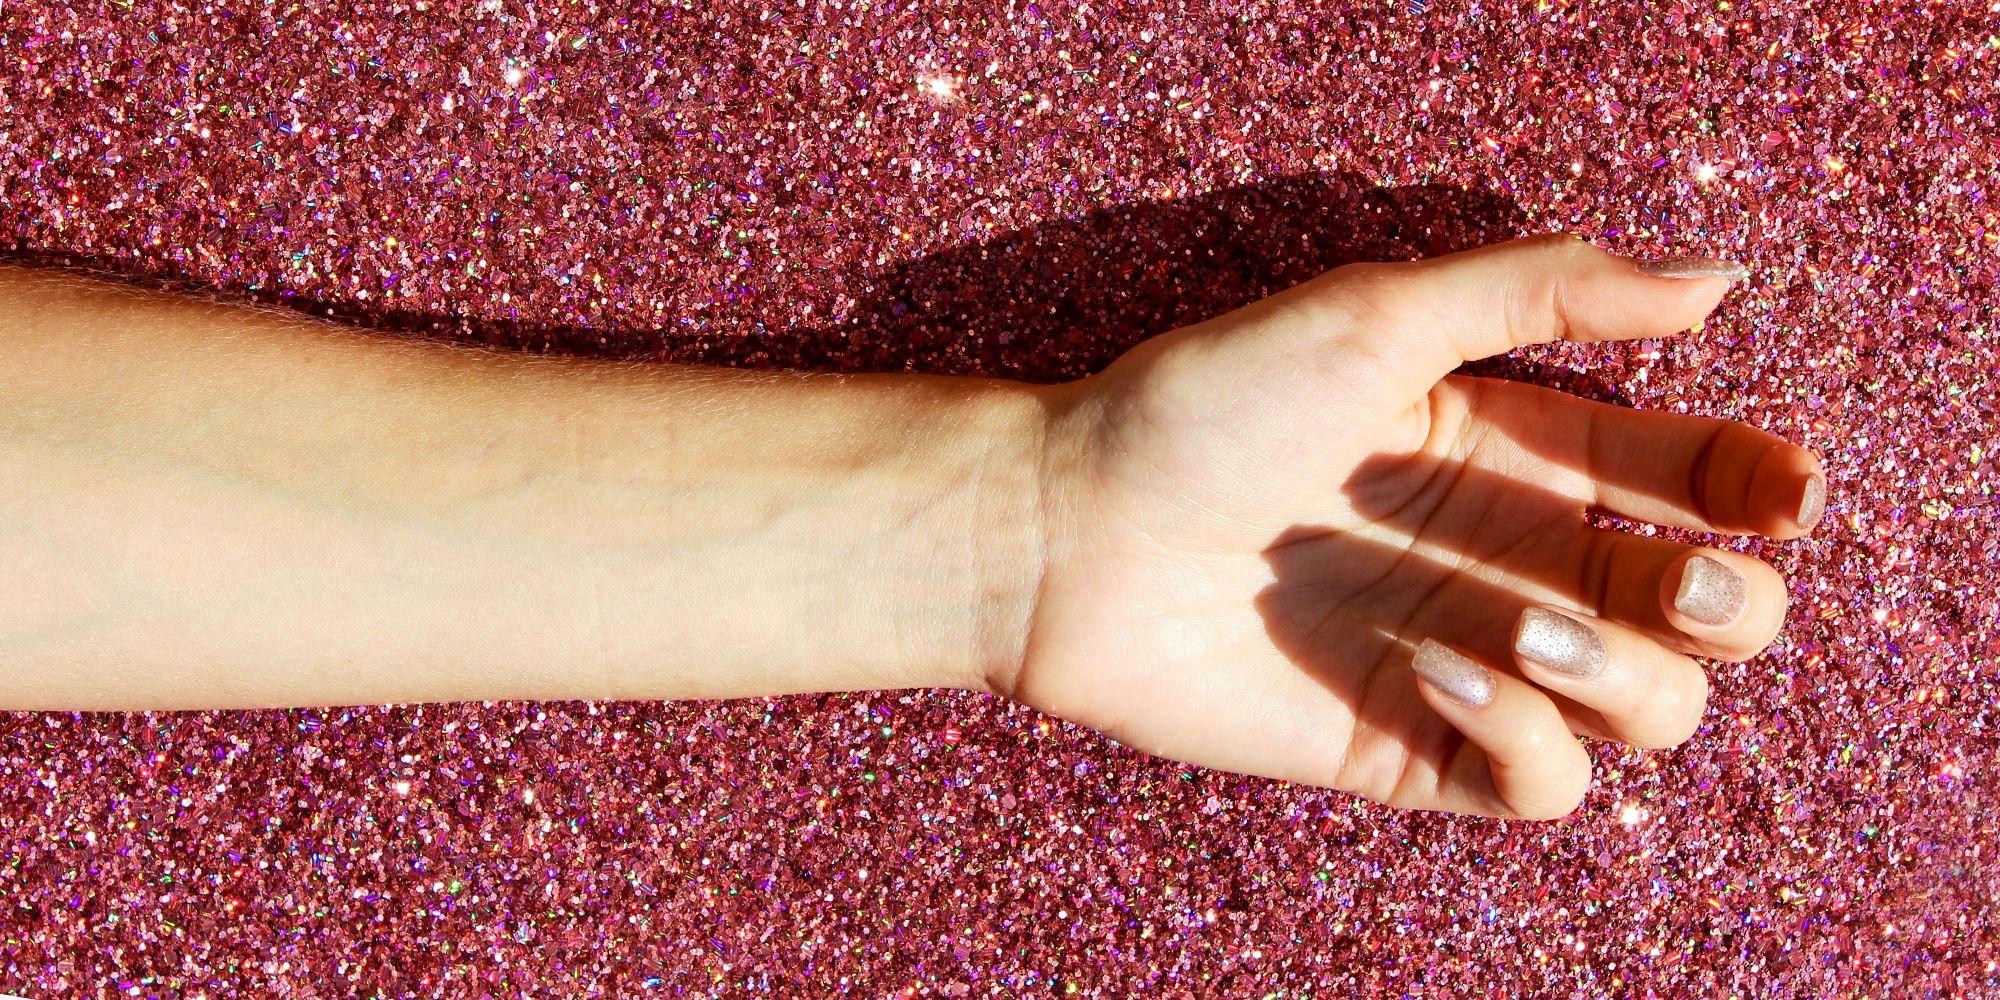 10 Best Glitter Nail Polishes for 2018 - Pretty Glitter & Shimmer ...